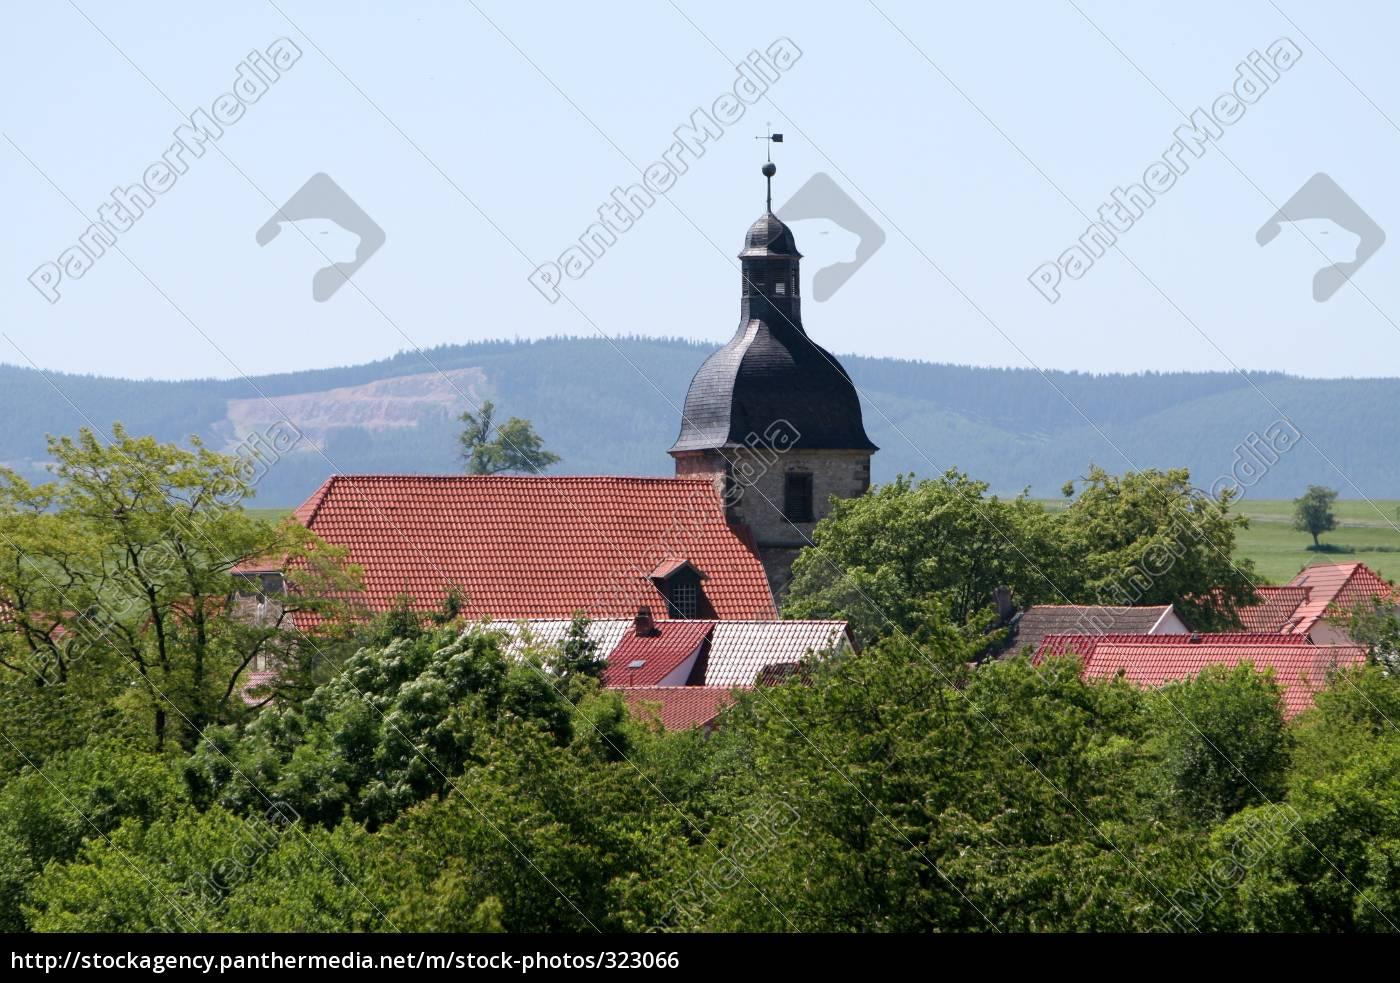 allschwil, switzerland - 323066